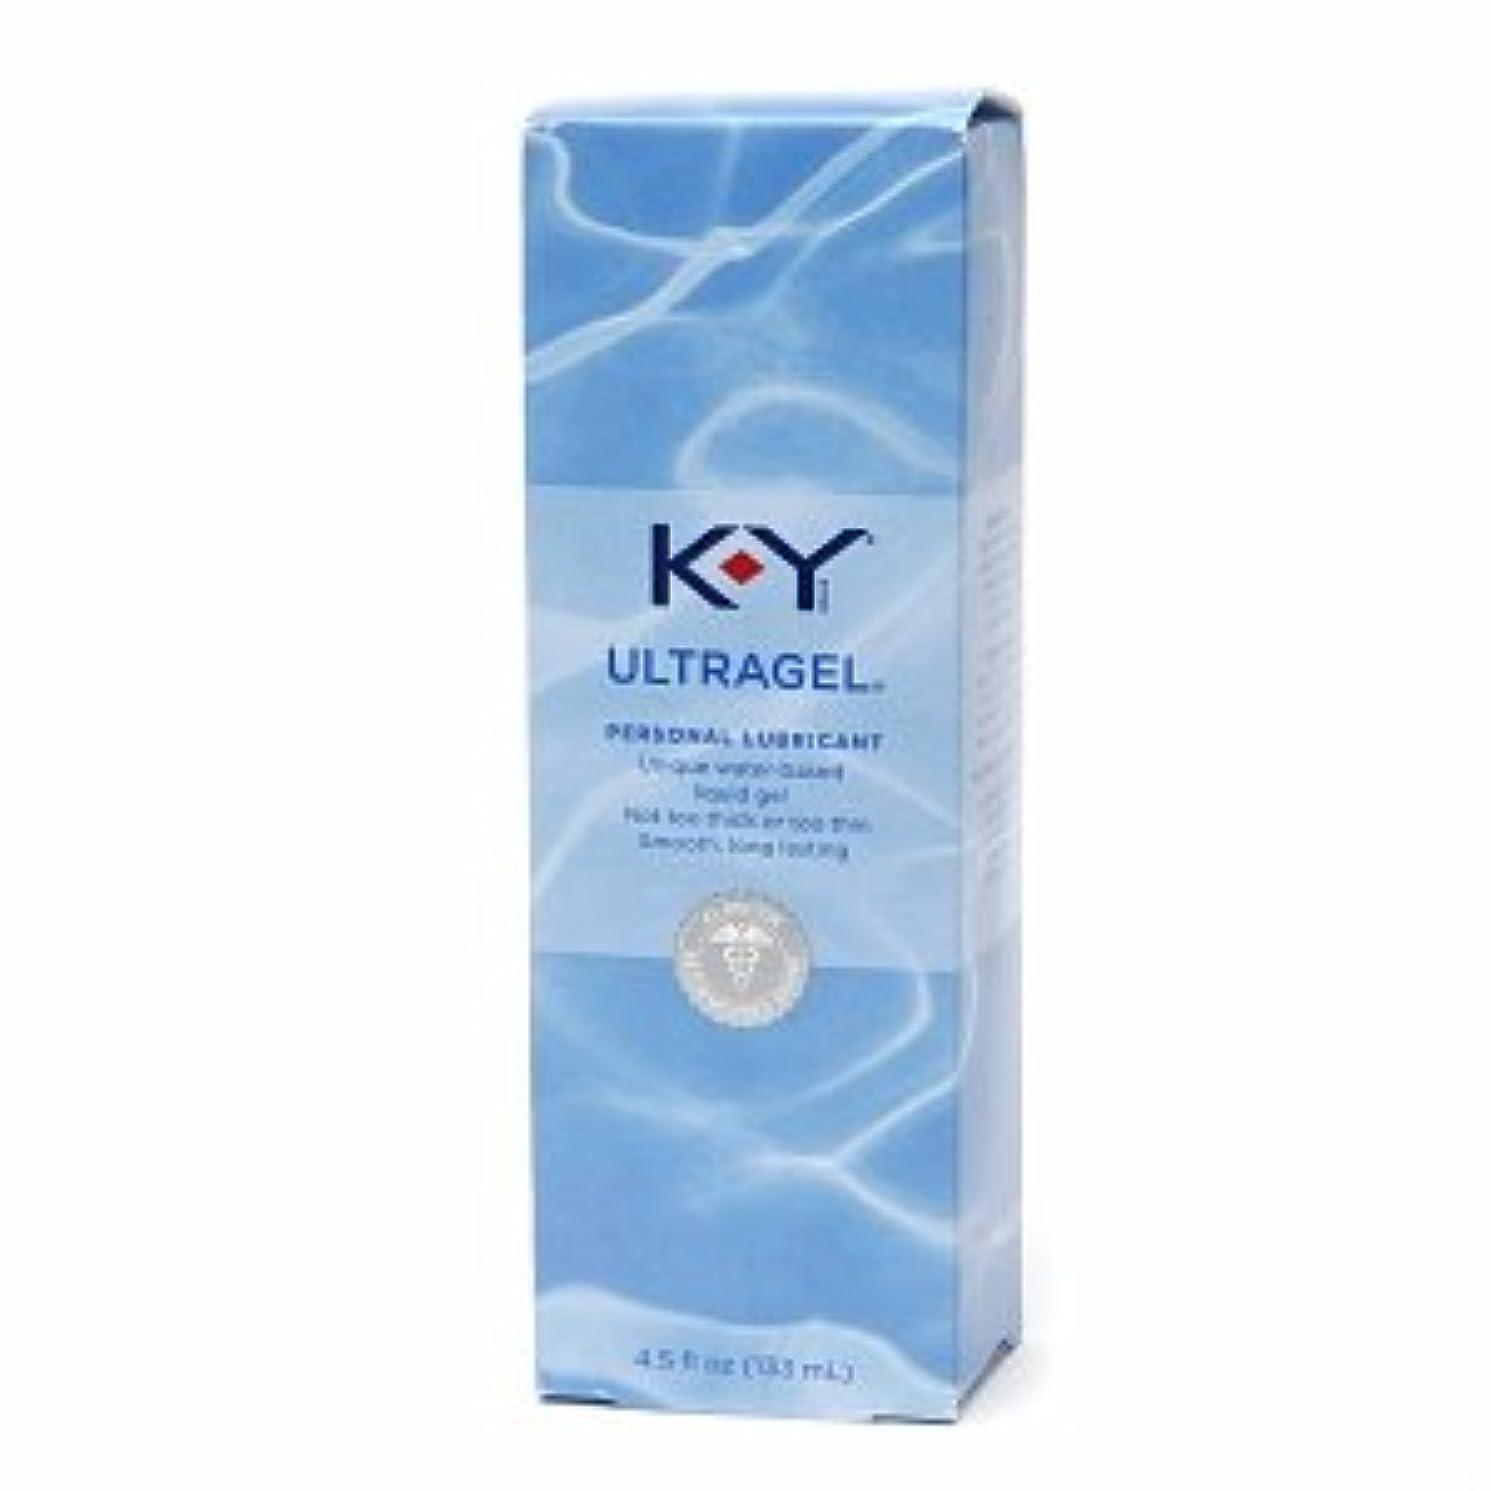 収穫叫び声手段074 不感症で濡れにくい方へ【高級潤滑剤 KYゼリー】 水溶性の潤滑ジェル42g 海外直送品